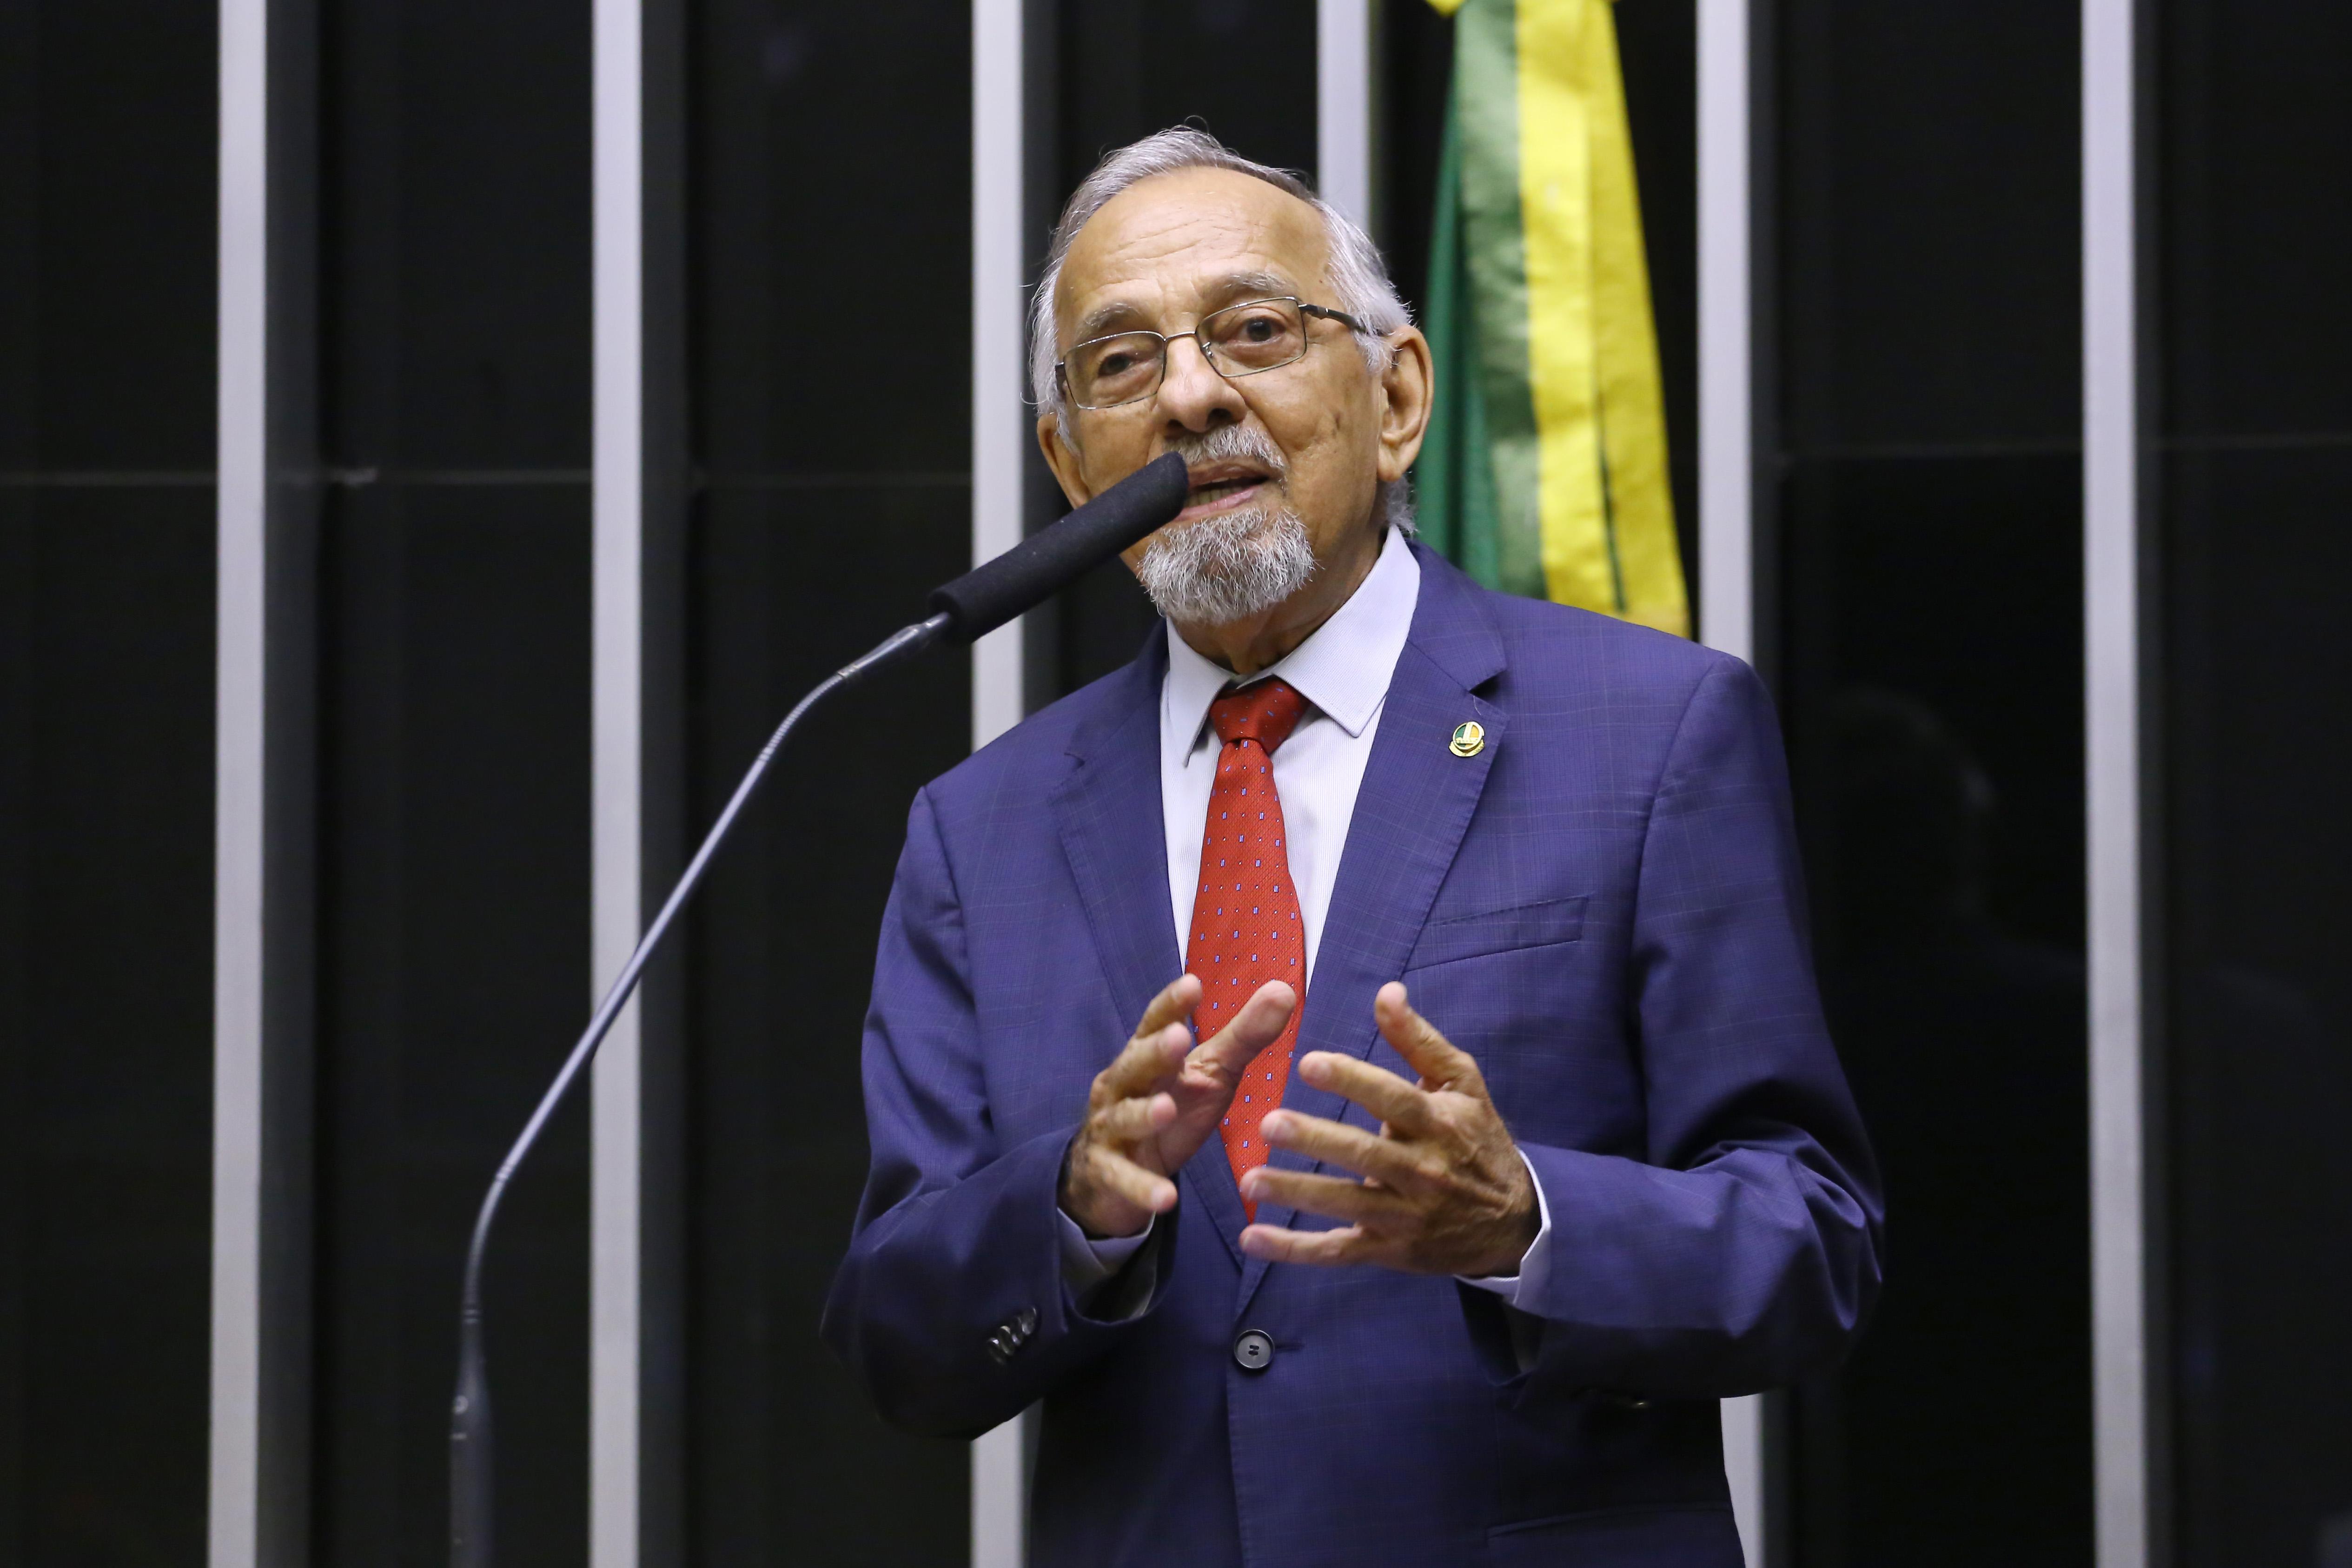 Outorga do Prêmio Transparência e Fiscalização Pública. Ex-Governador do Amapá, João Alberto Capiberibe